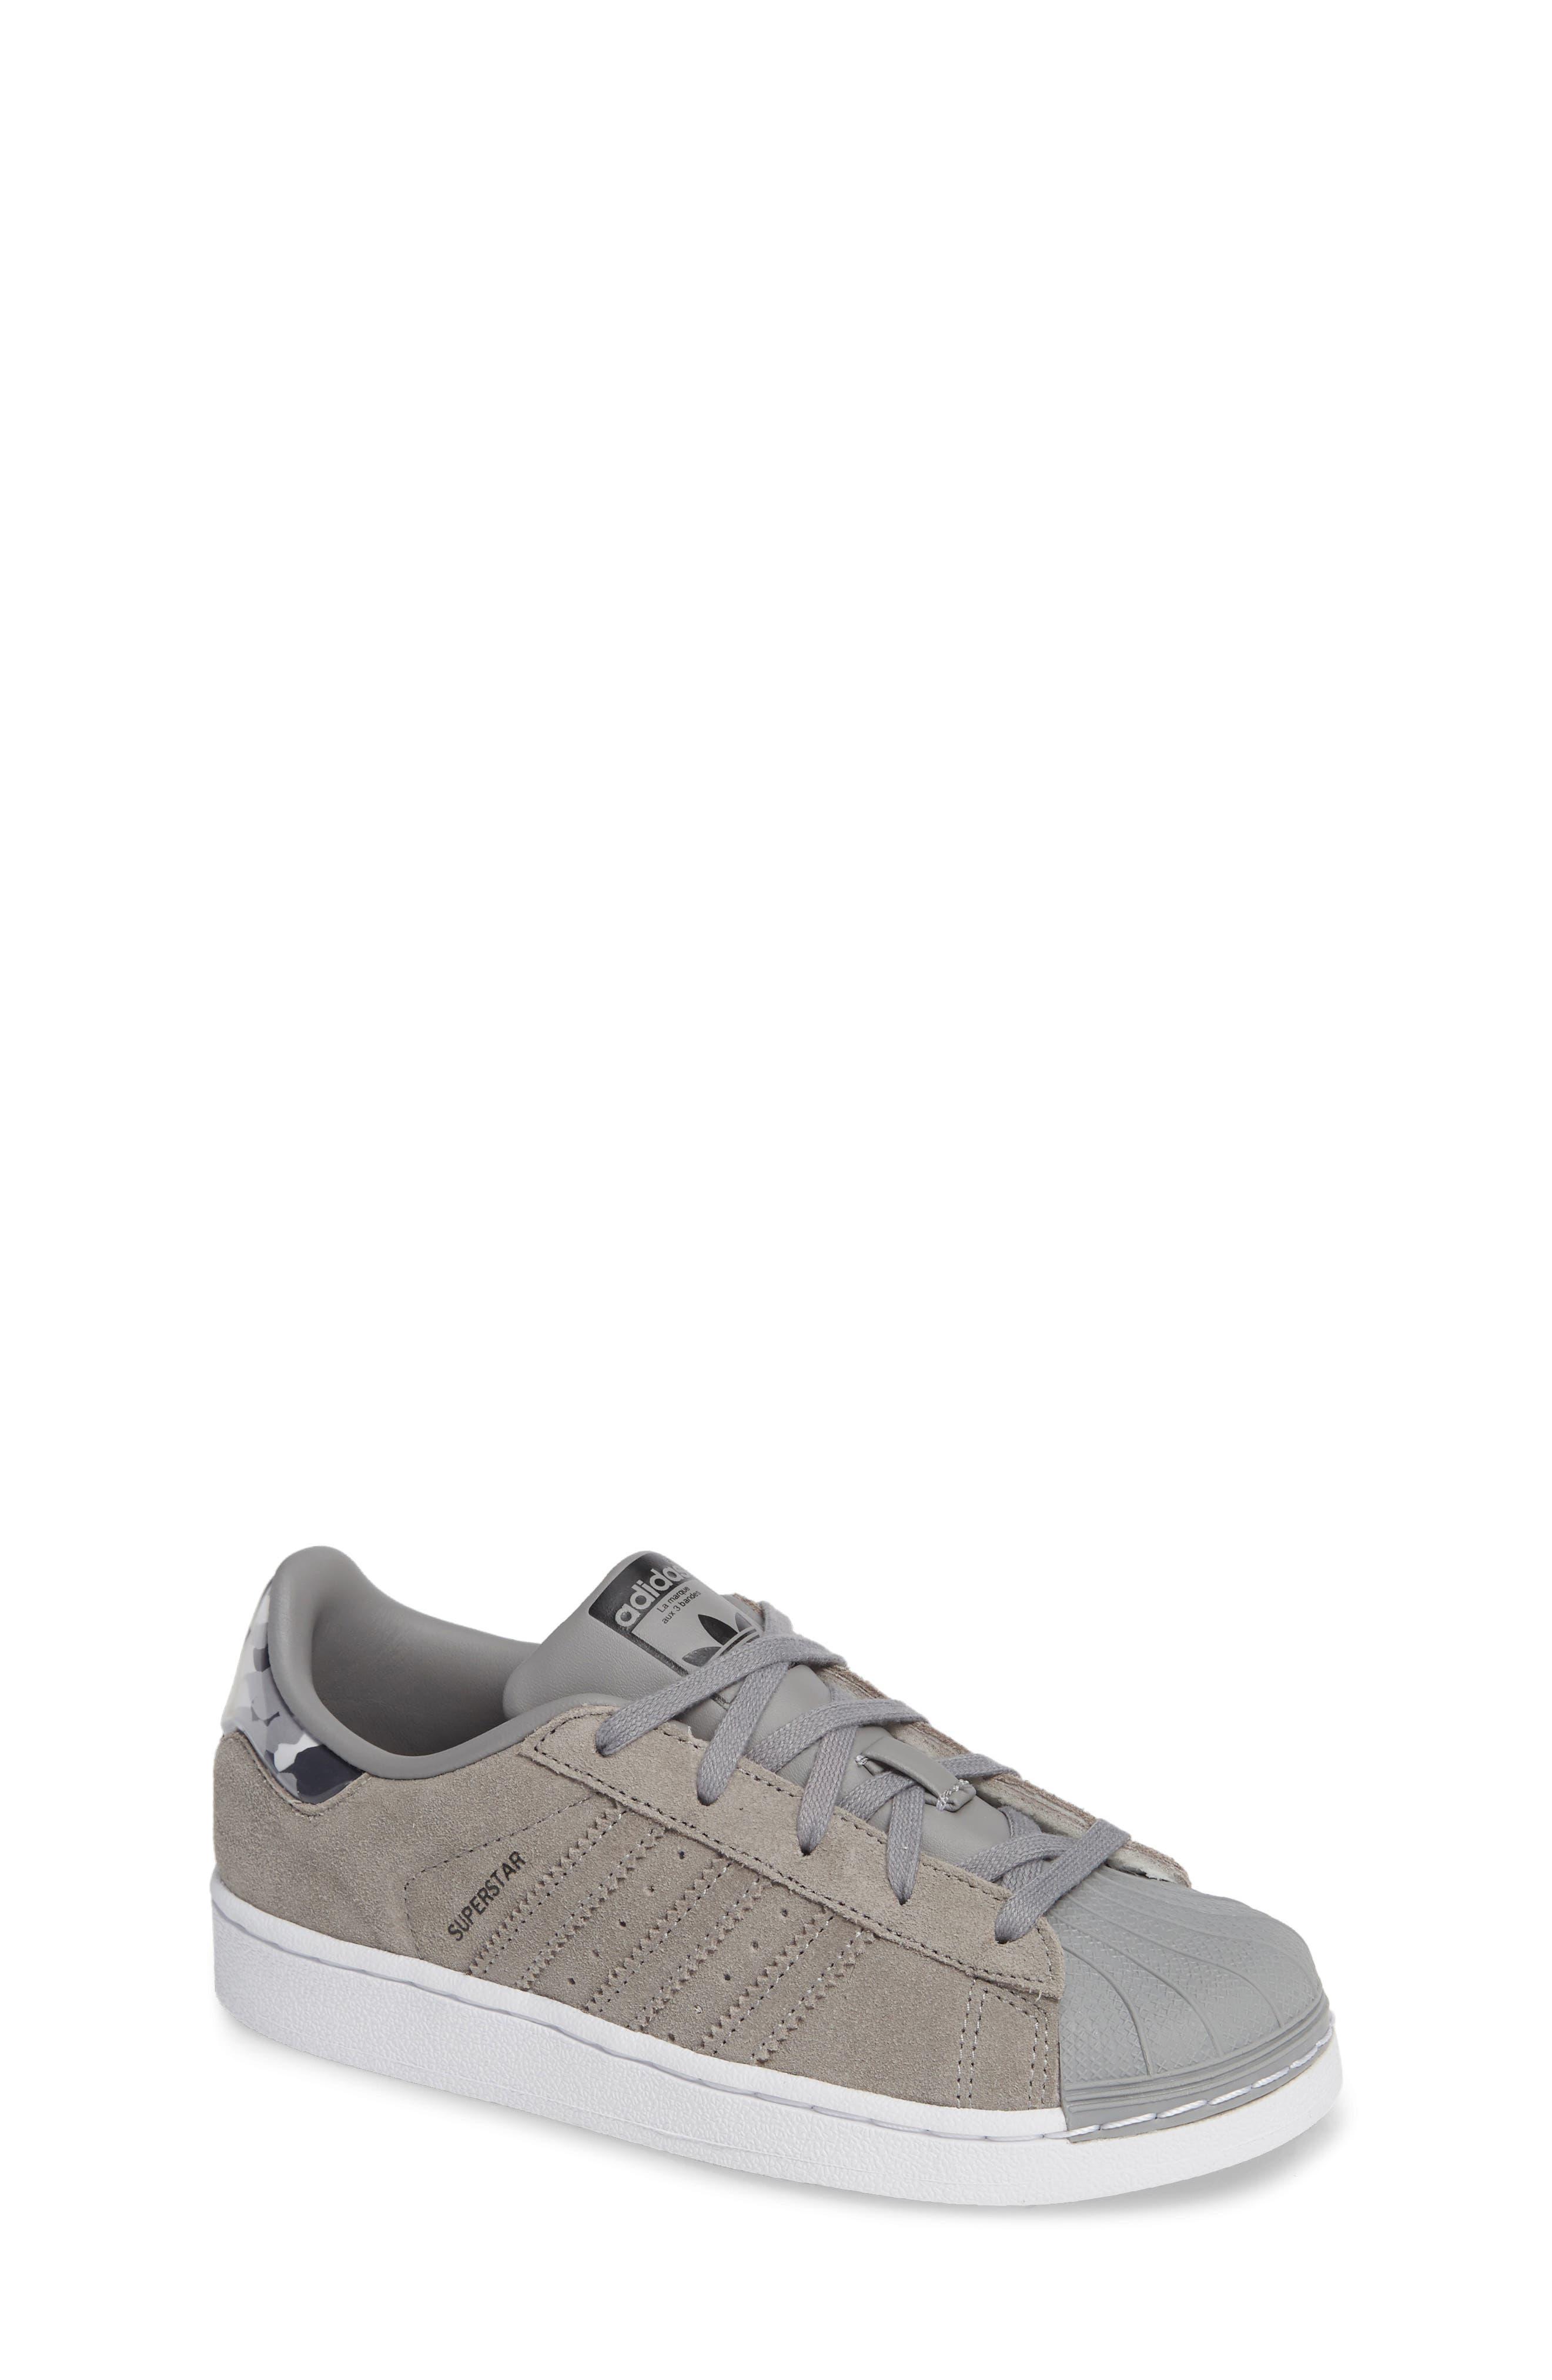 Superstar Low Top Sneaker,                         Main,                         color, 020